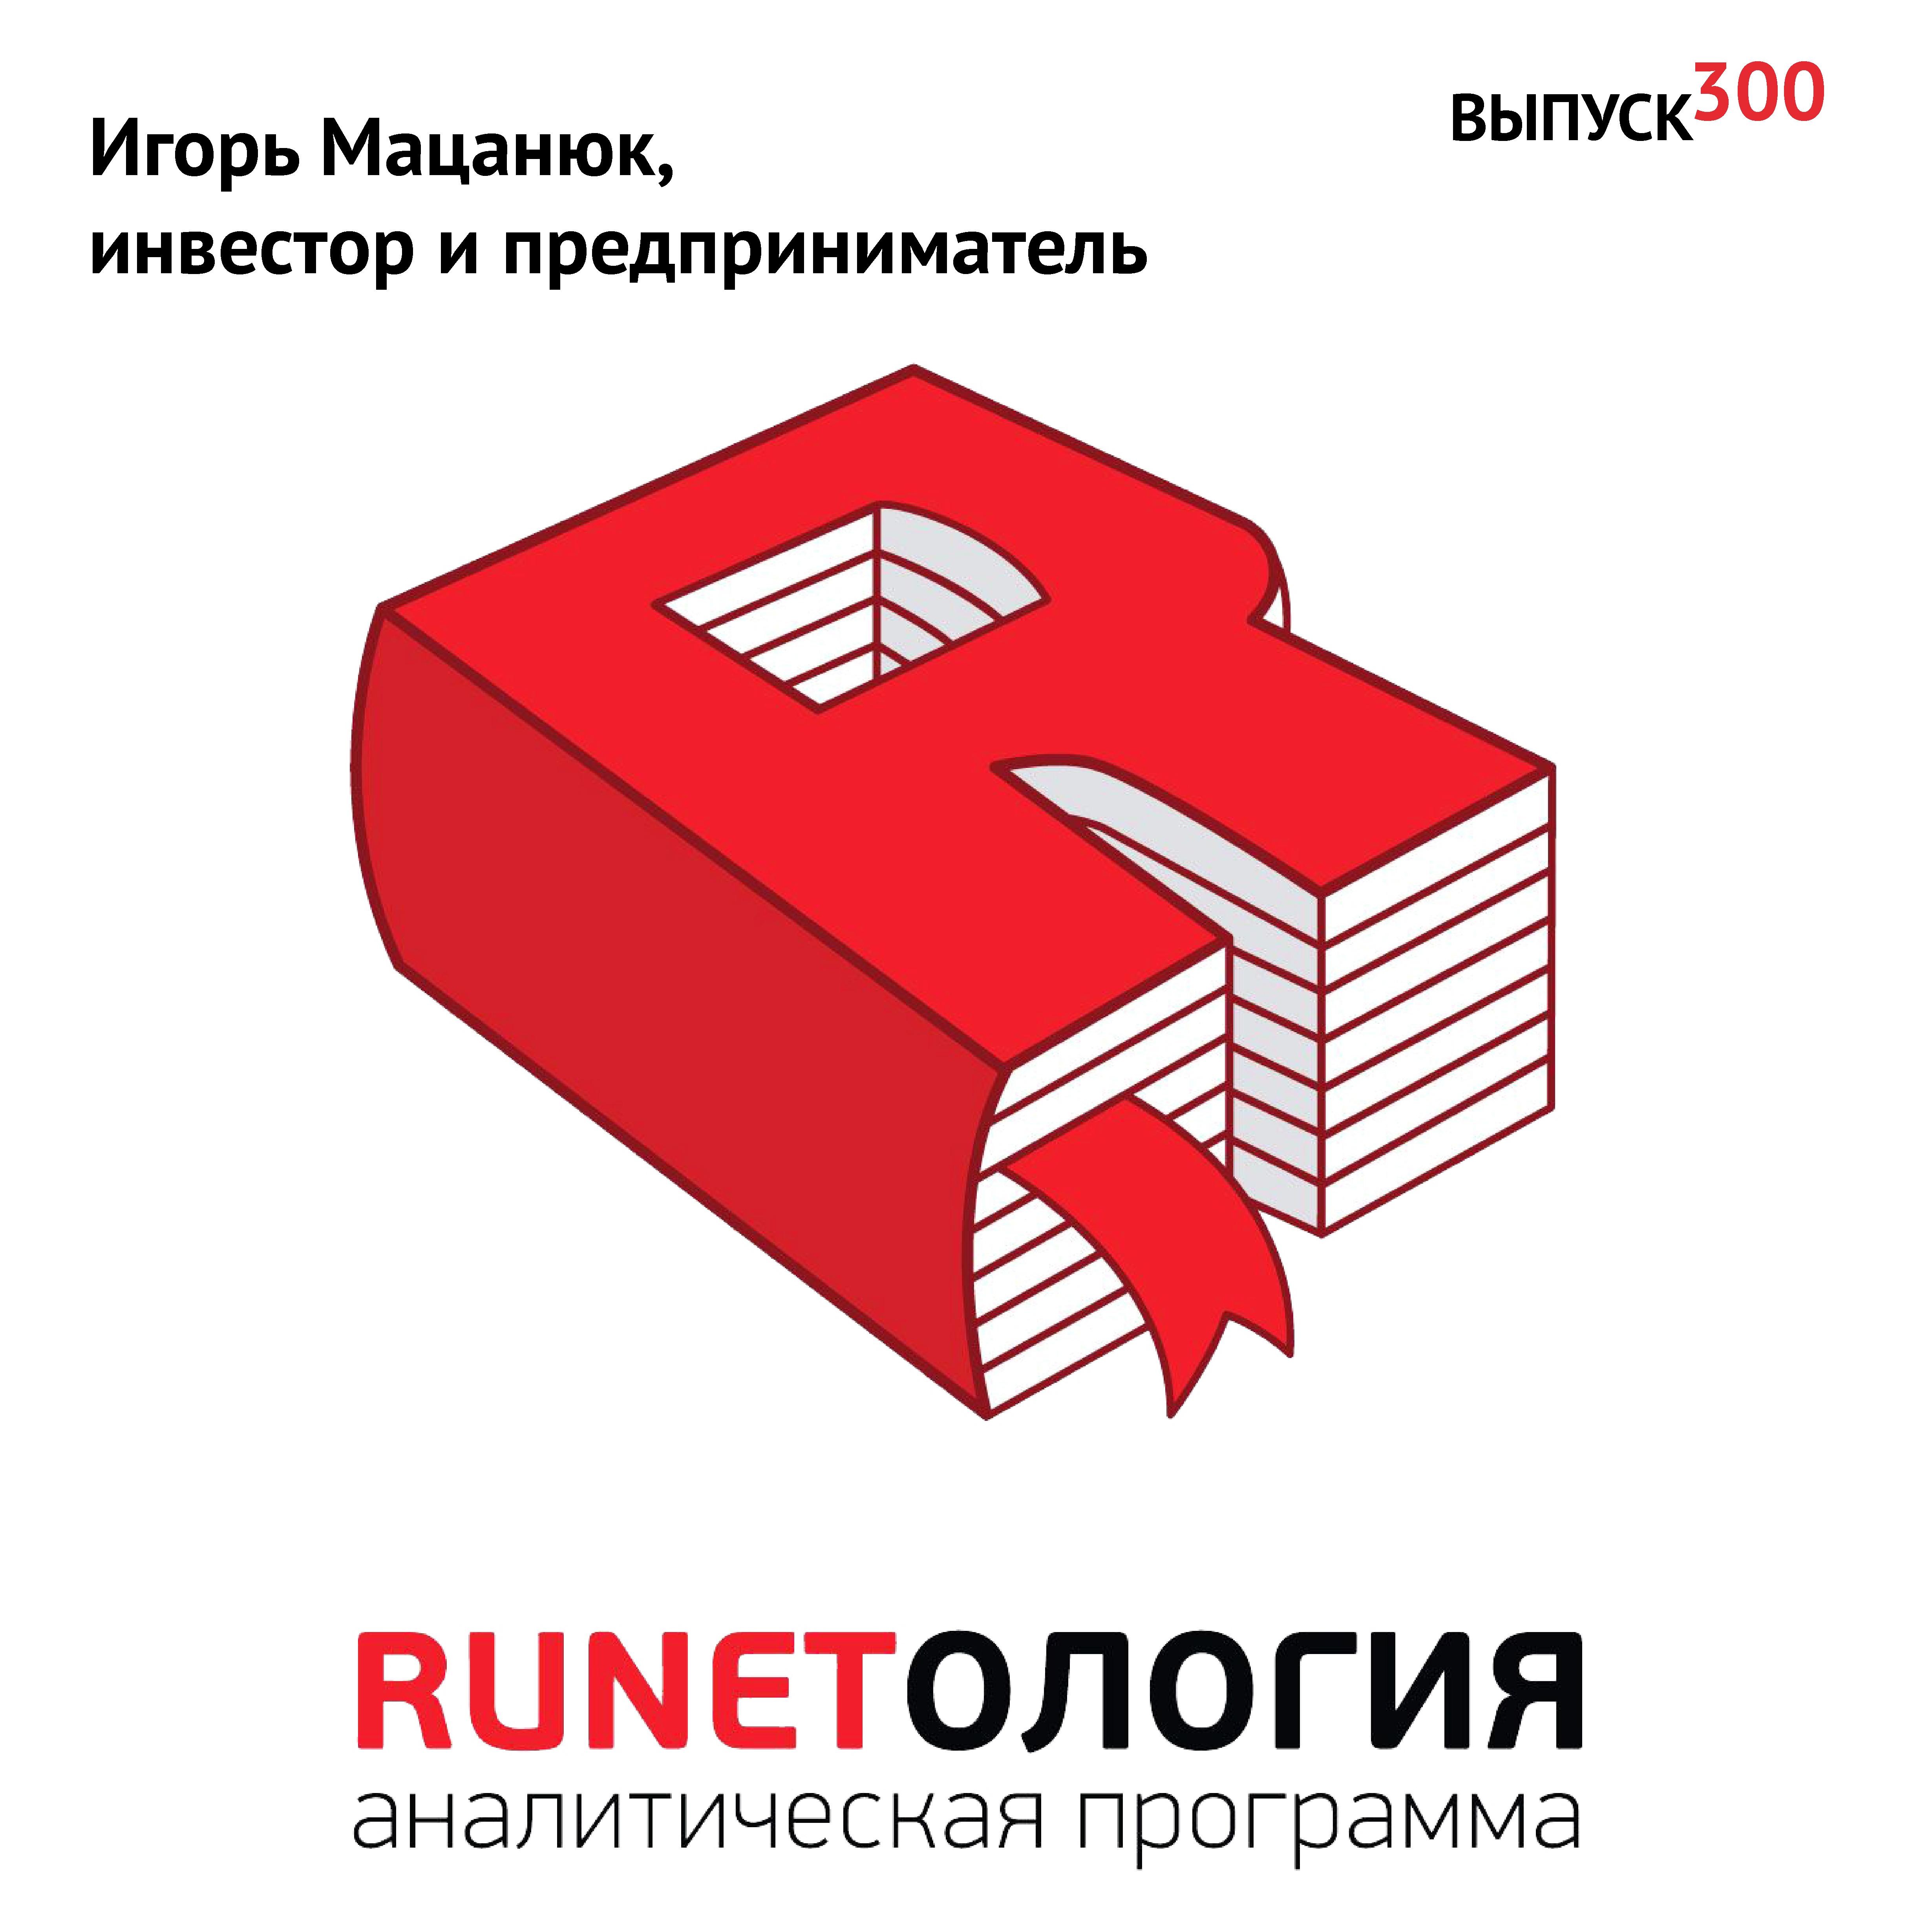 Игорь Мацанюк, инвестор и предприниматель